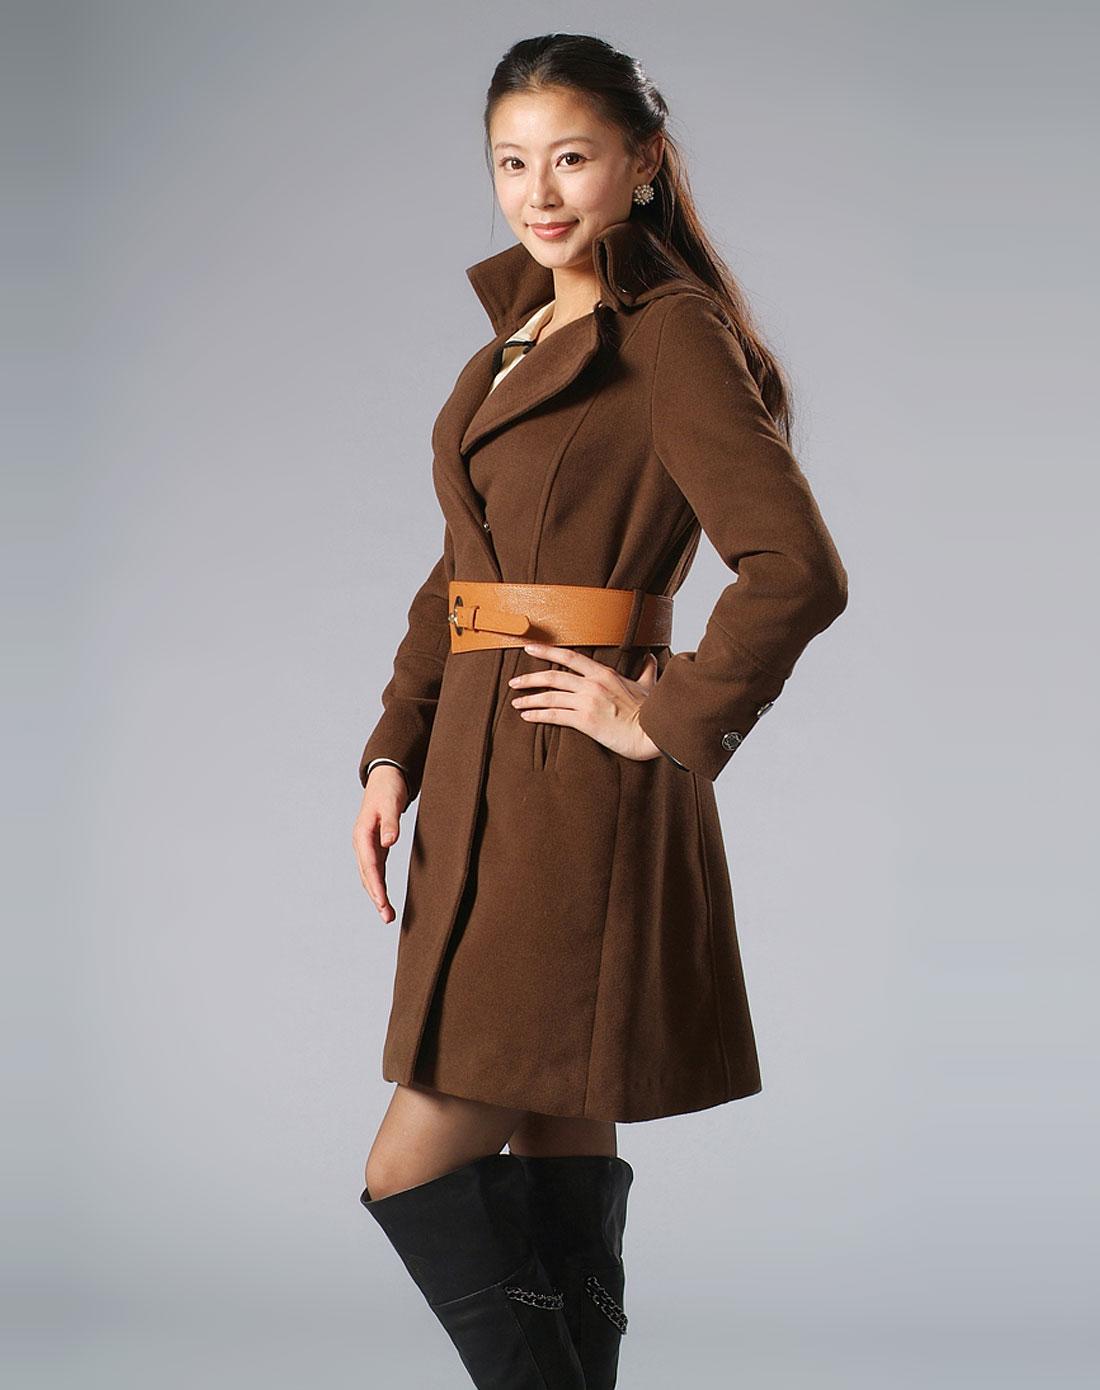 欧范西装立领连帽束腰咖啡色尼大衣(赠同面料腰带)